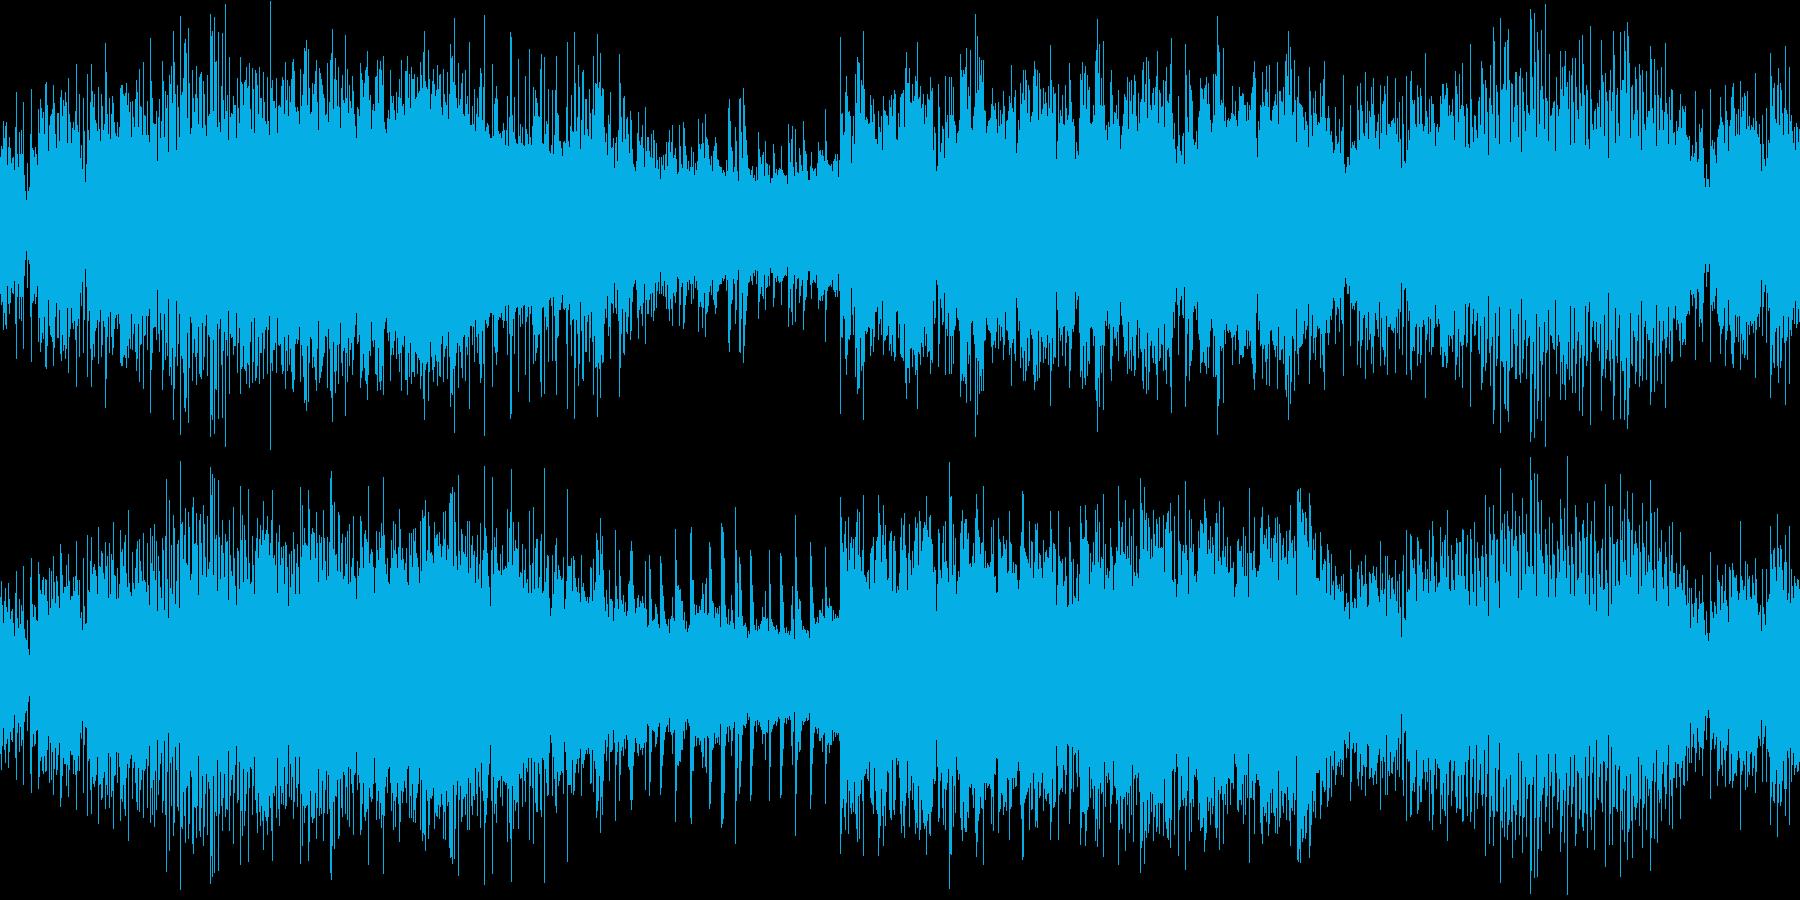 ダークでヘヴィ、重厚、光沢のあるロックの再生済みの波形